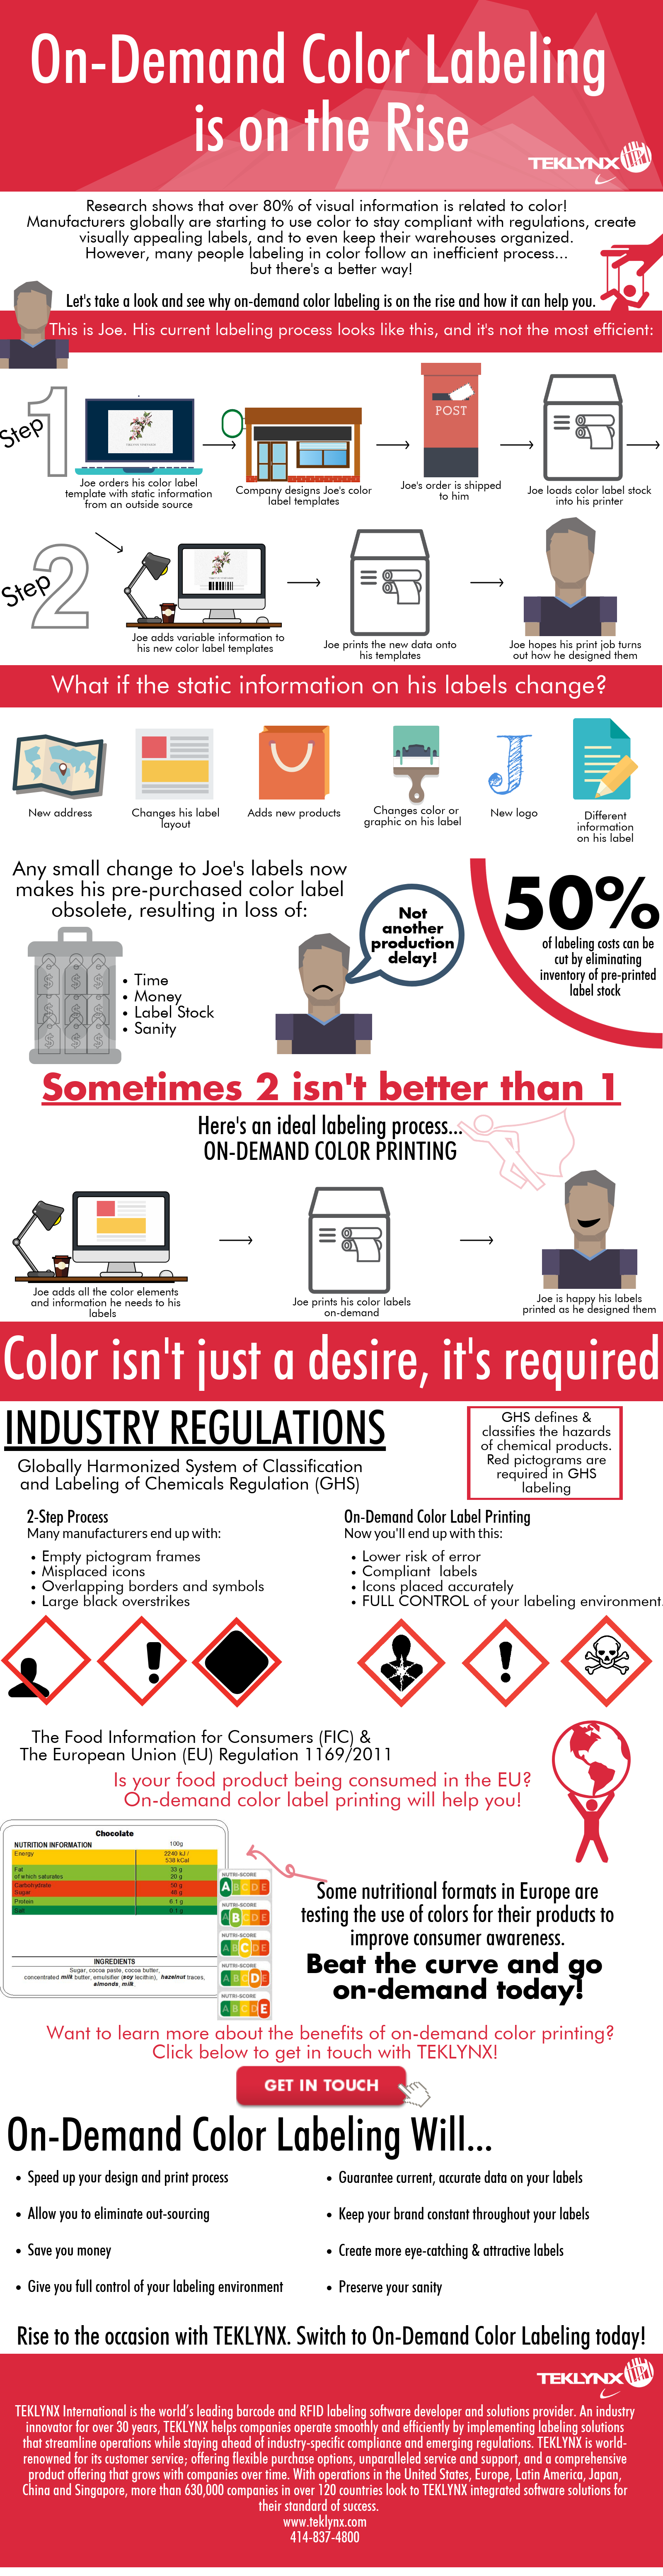 Рост популярности цветной маркировки по требованию